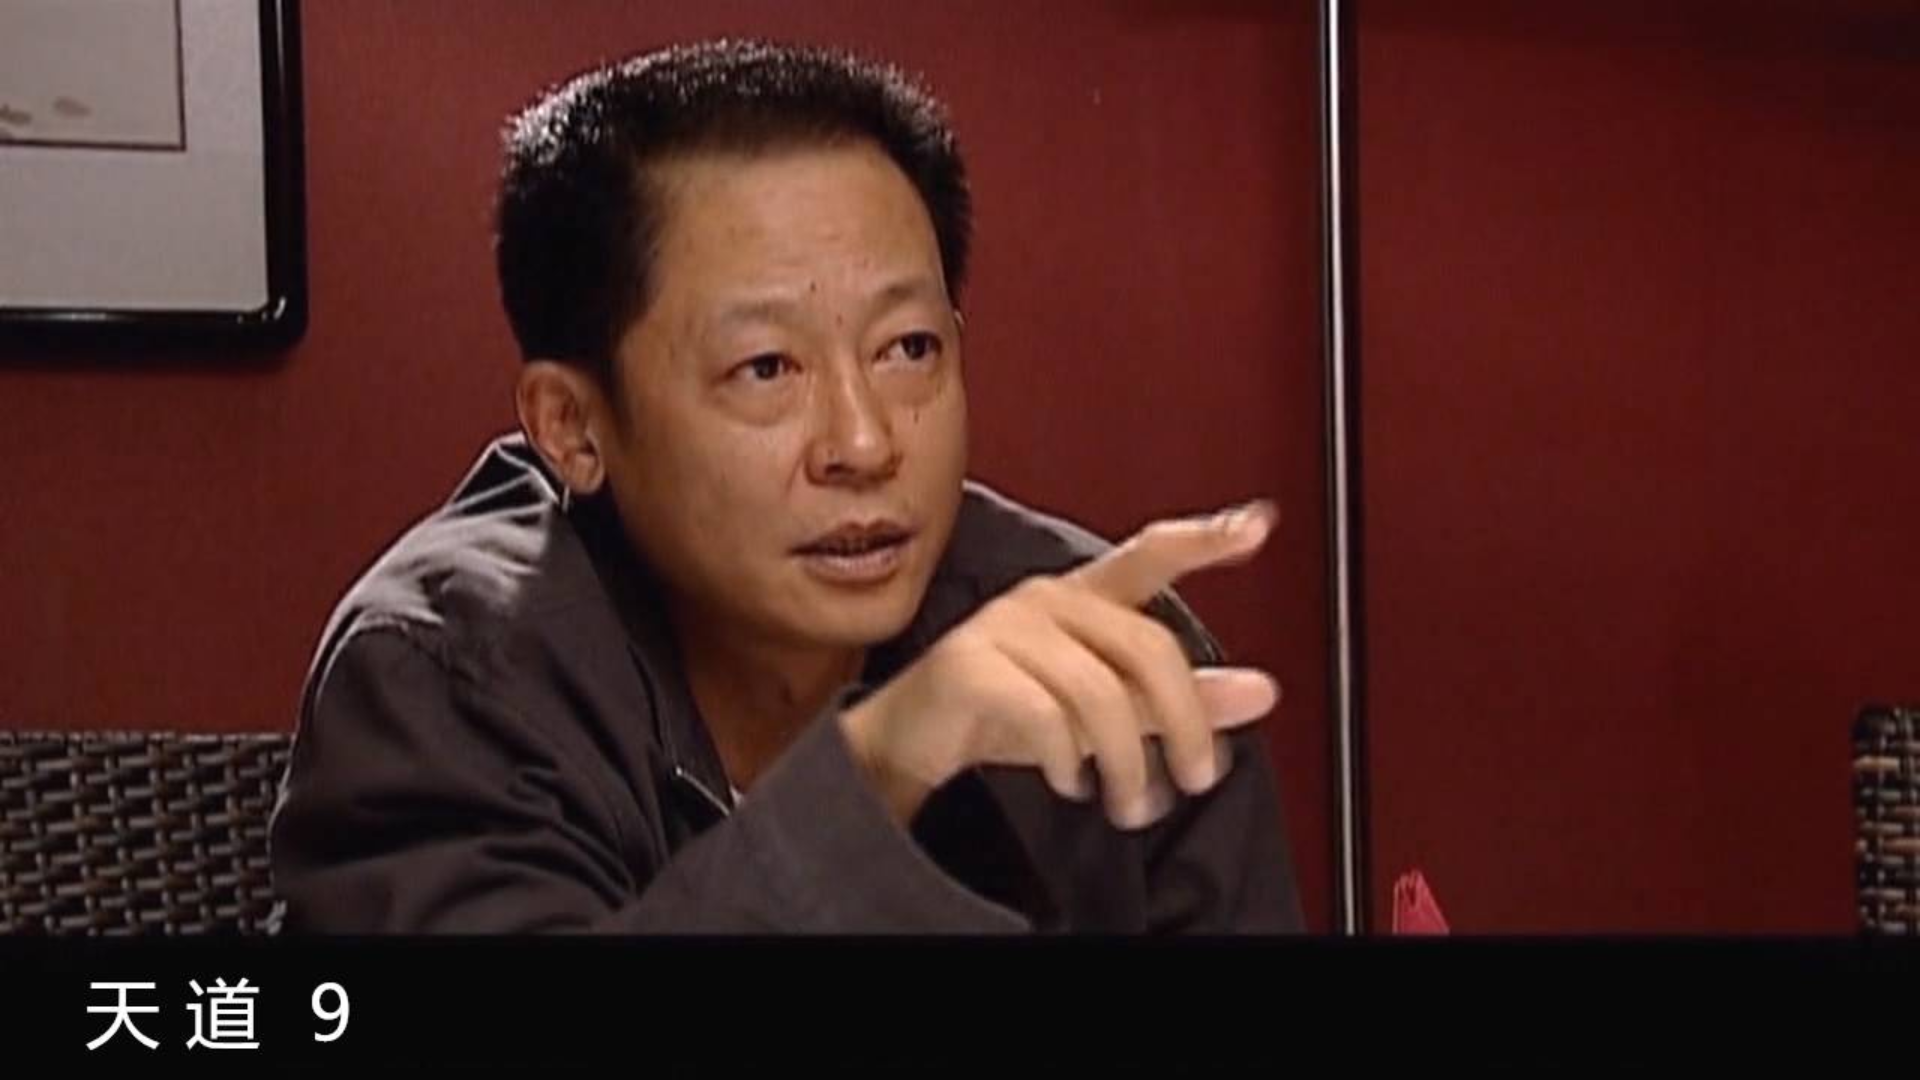 """解读经典影视:《天道》9,丁元英开始着手""""杀富济贫""""方案"""